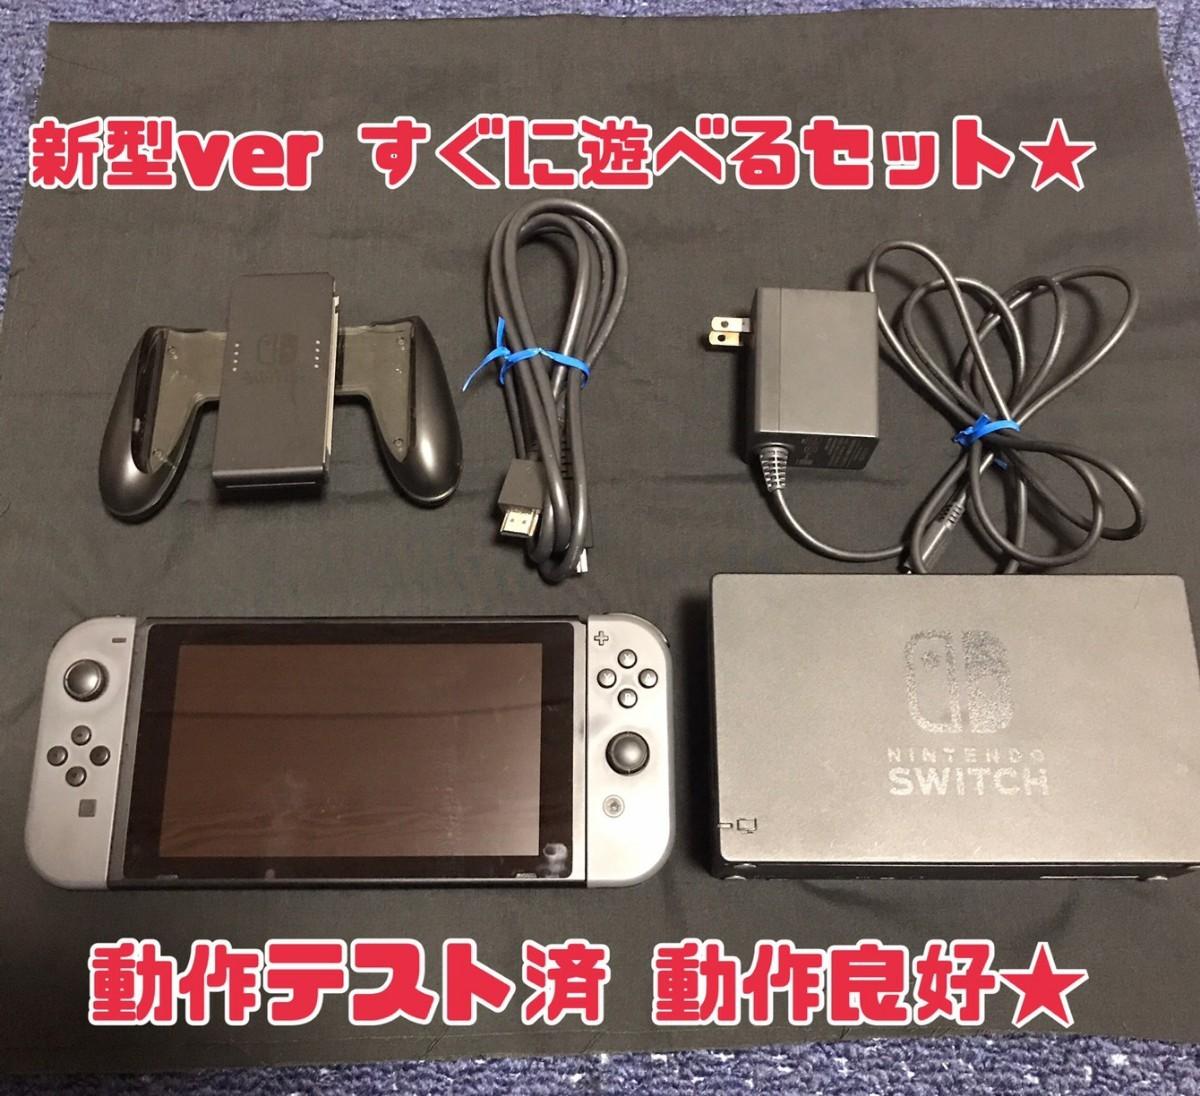 任天堂スイッチ ニンテンドー Nintendo Switch 新型 グレー 動作良好★